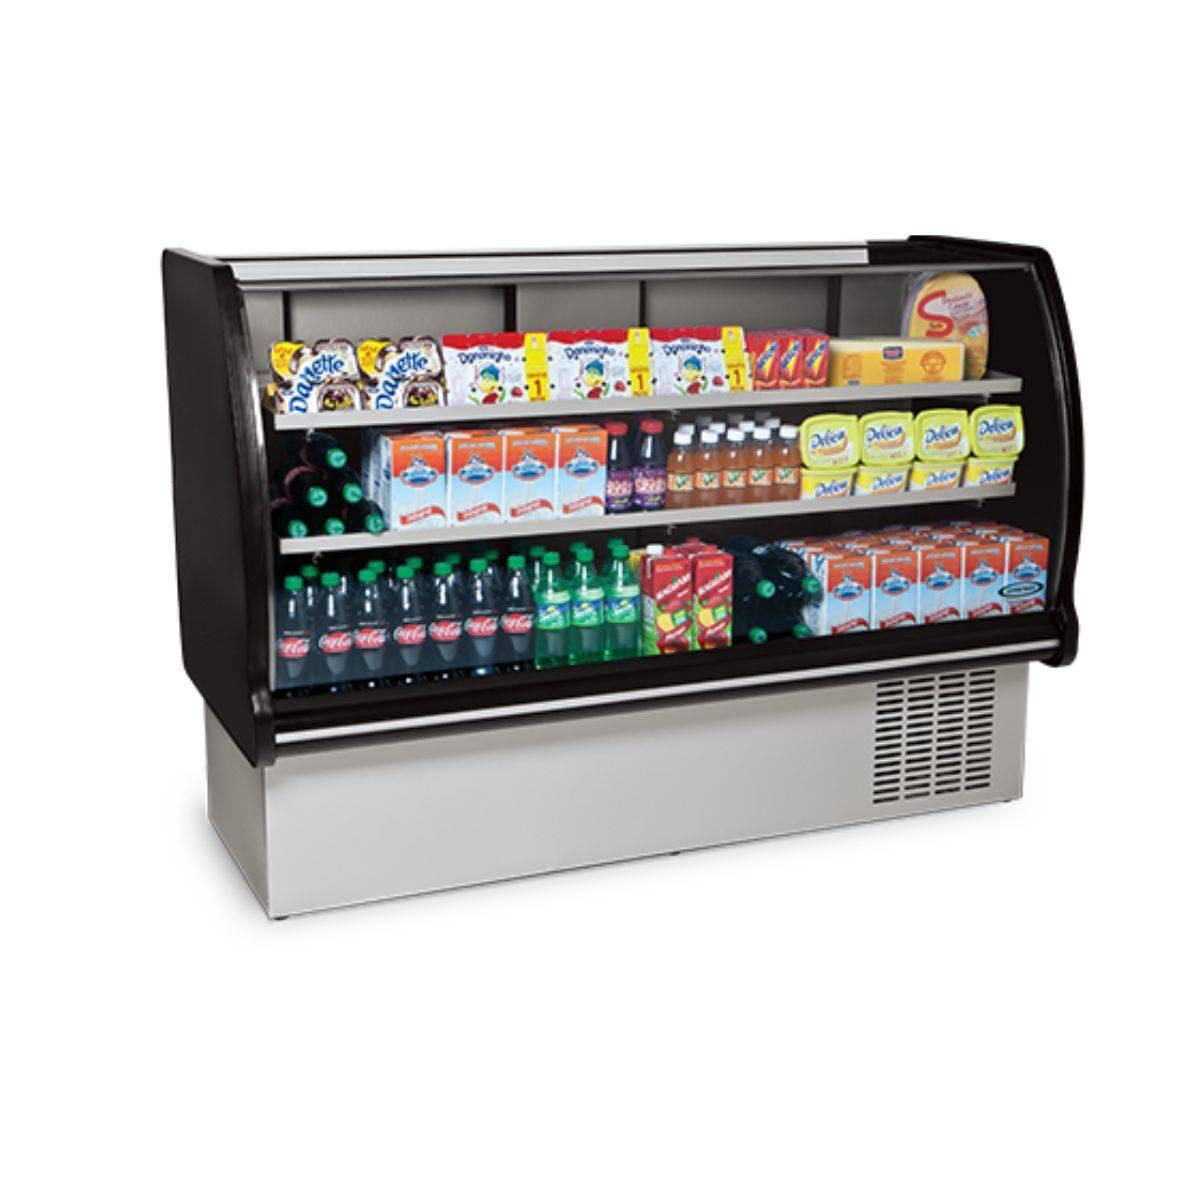 Balcão Refrigerado Confrio 1,10m BRP110 Conservex - Magazine do Chef